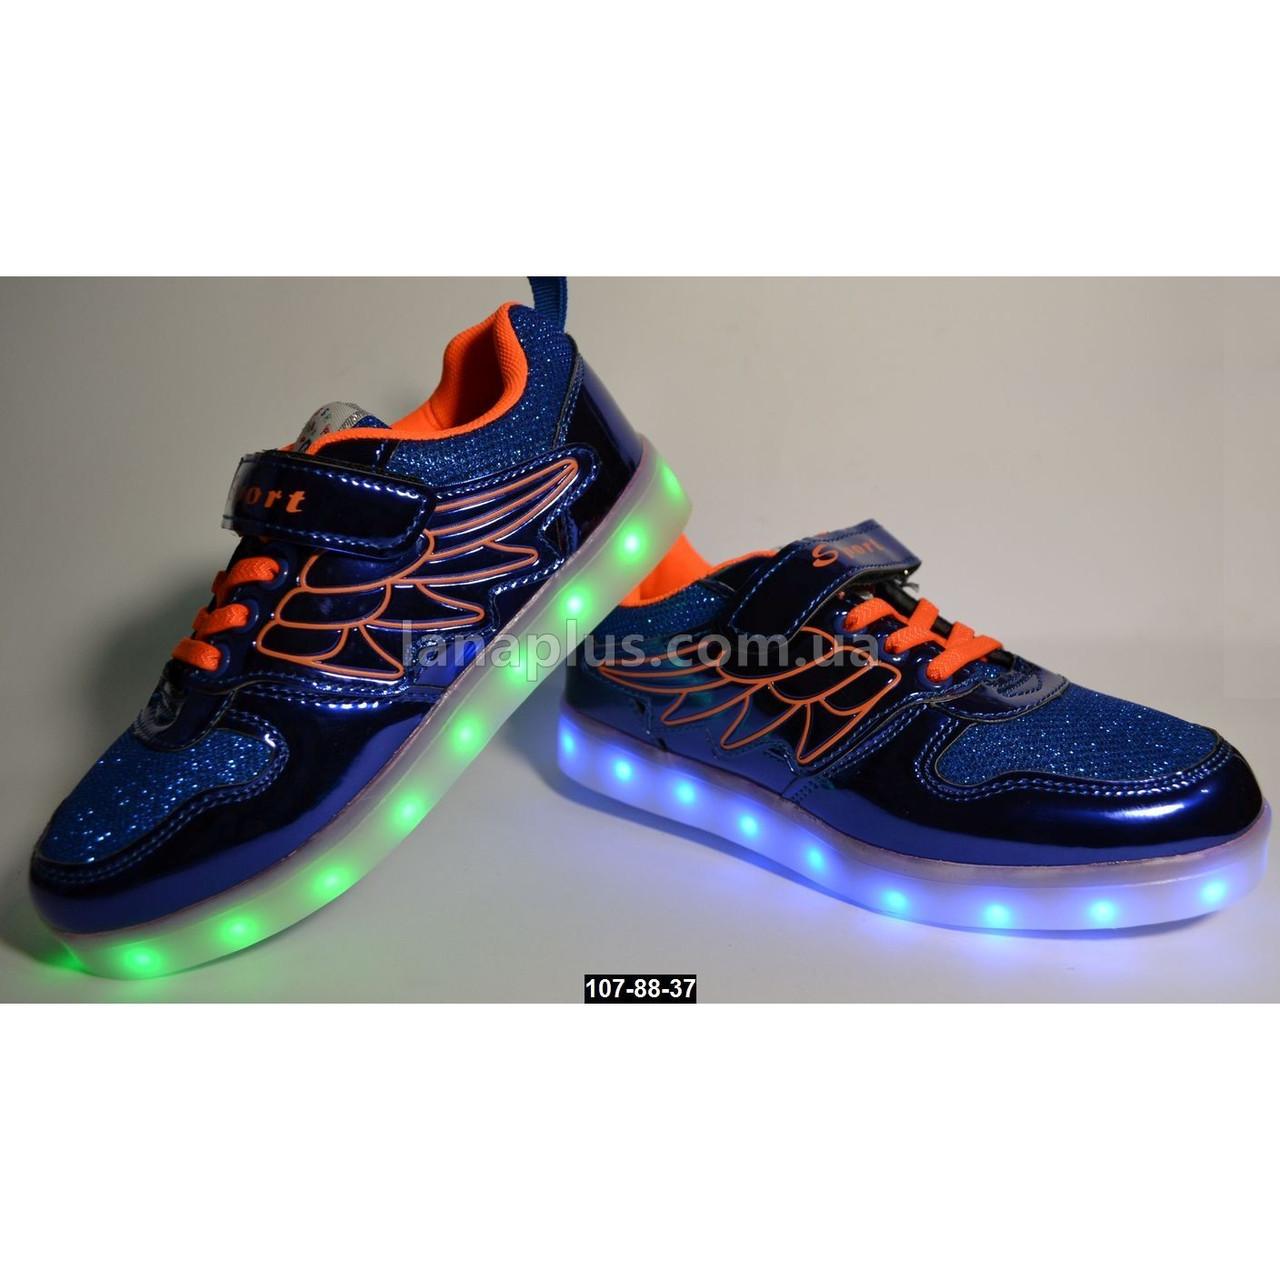 Детские cветящиеся кроссовки, USB, 34 размер (21.3 см), 11 режимов LED подсветки, супинатор, 107-88-37